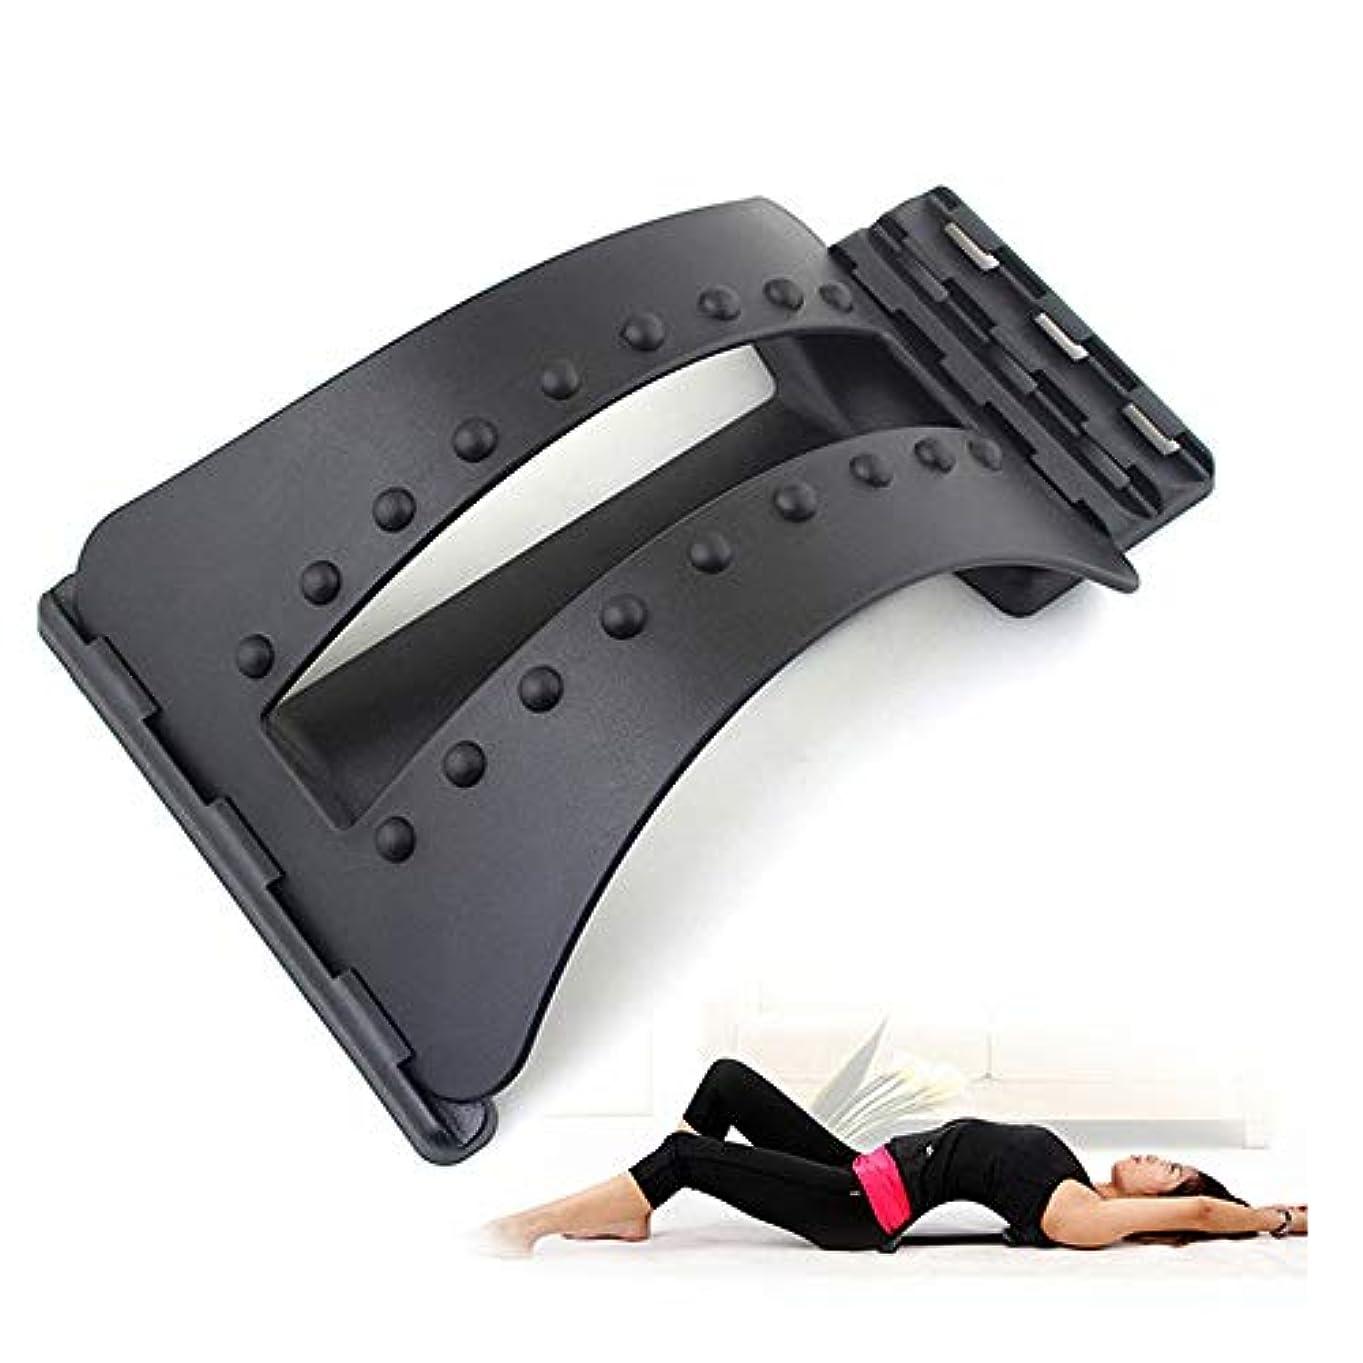 大人目的背中マッサージストレッチャーフィットネスマッサージ機器ストレッチリラックスストレッチャー腰椎サポート脊椎疼痛救済カイロプラクティックドロップシップ